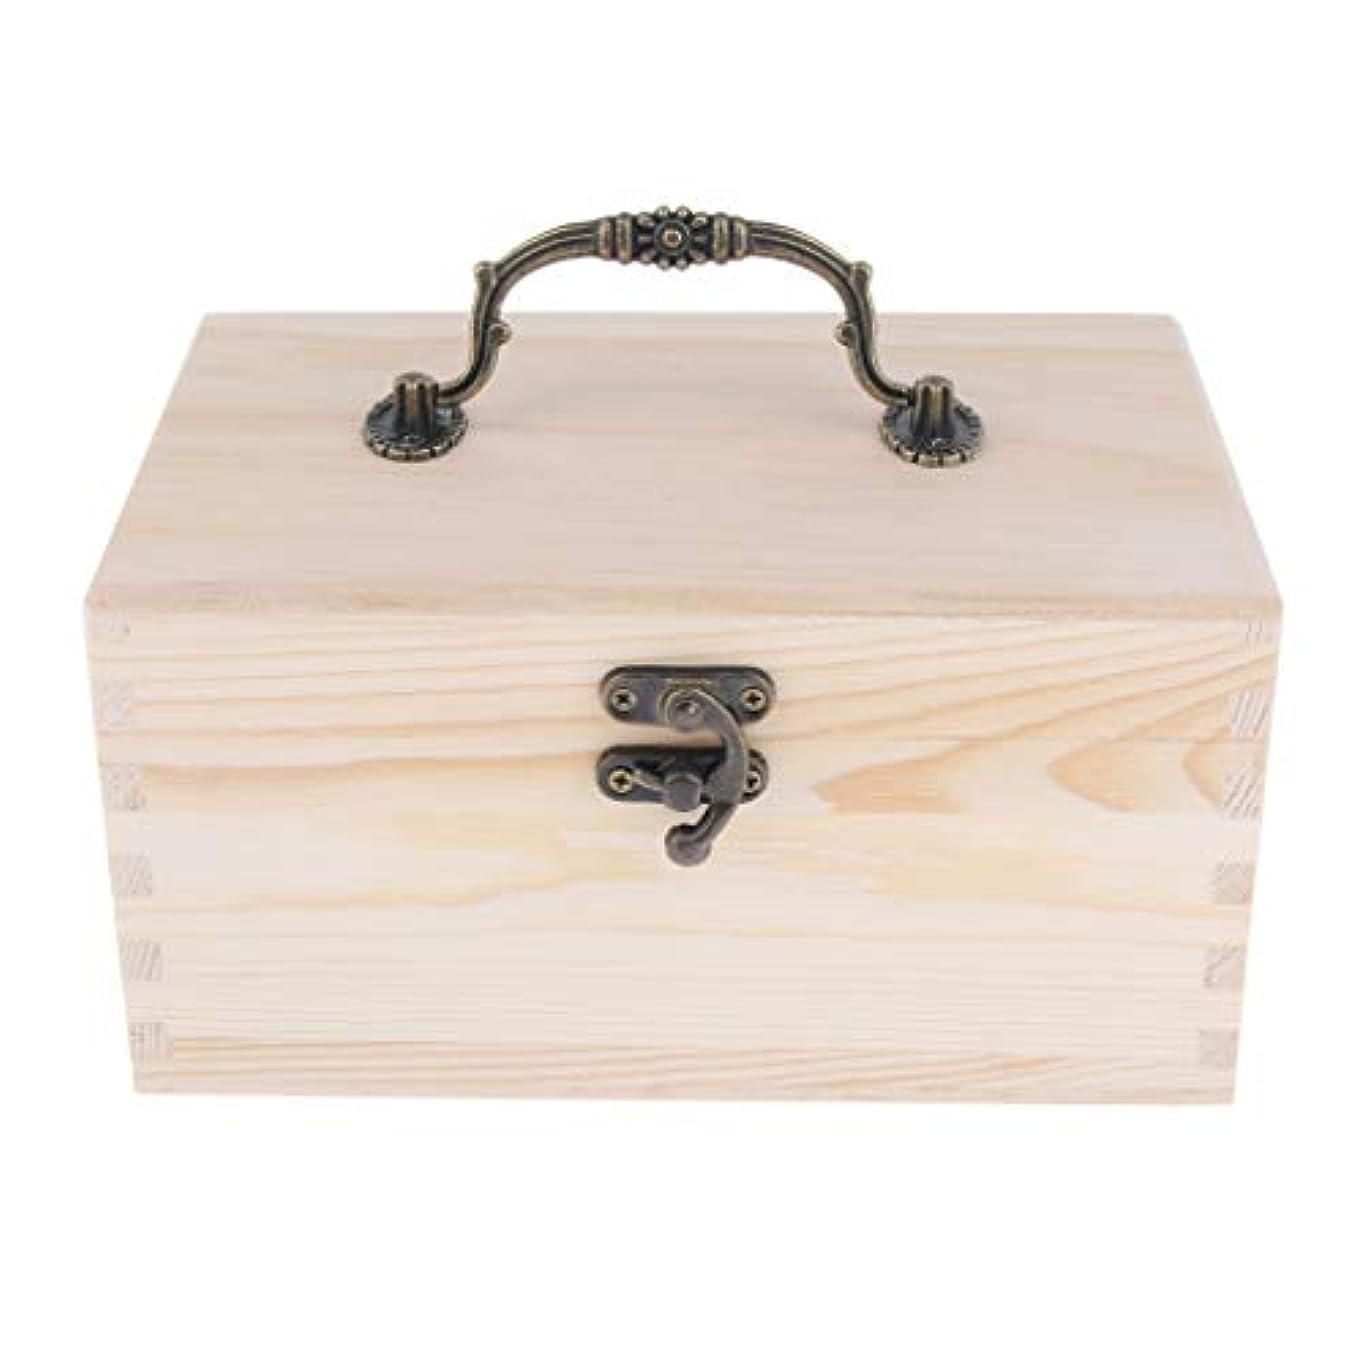 マザーランドメイトジョグ家庭 サロン オイルケース アロマケース 精油瓶 収納ボックス 天然木 15本用 20ミリボトル